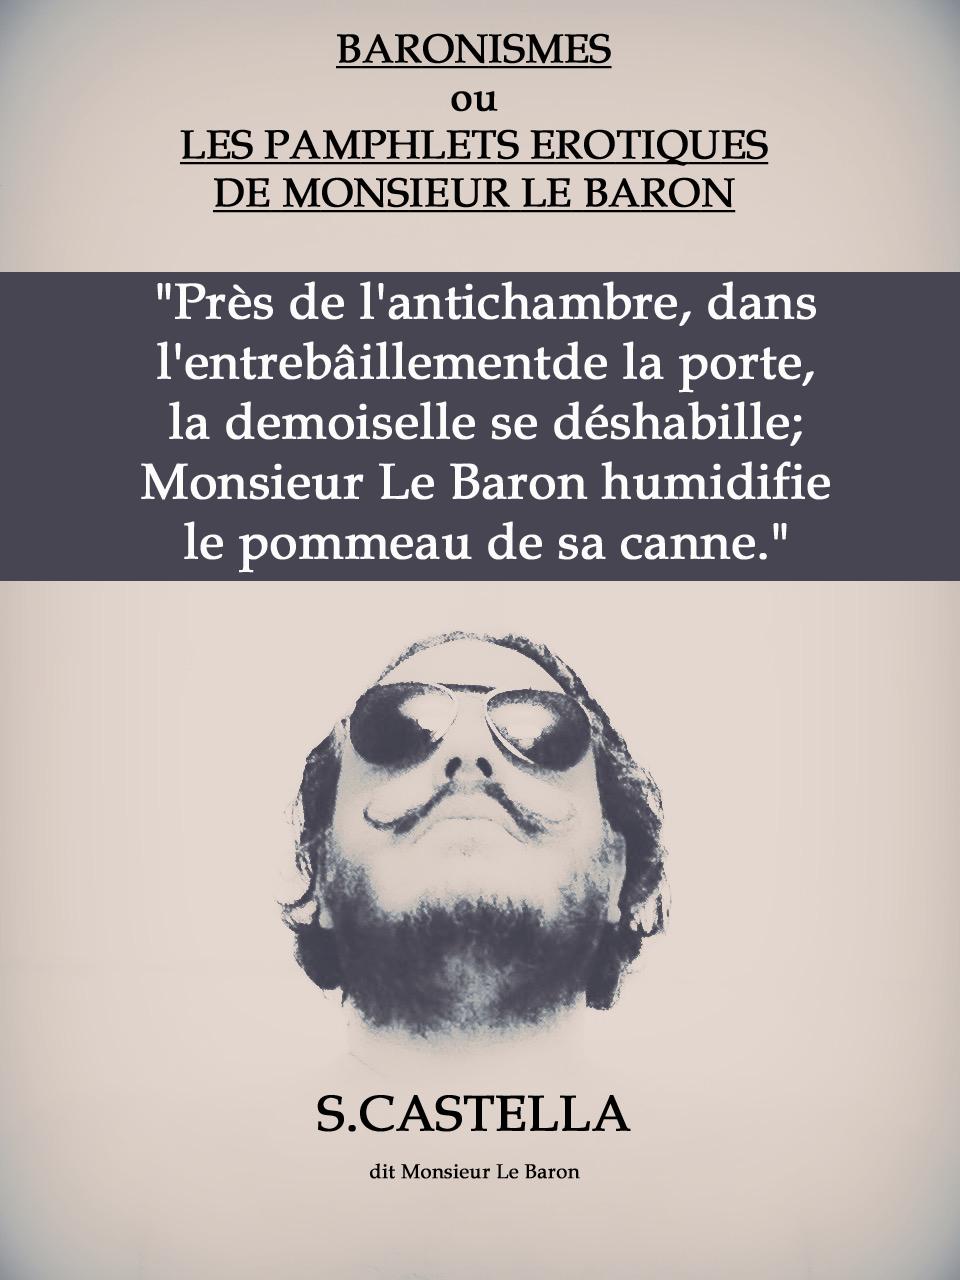 castella-baronisme2